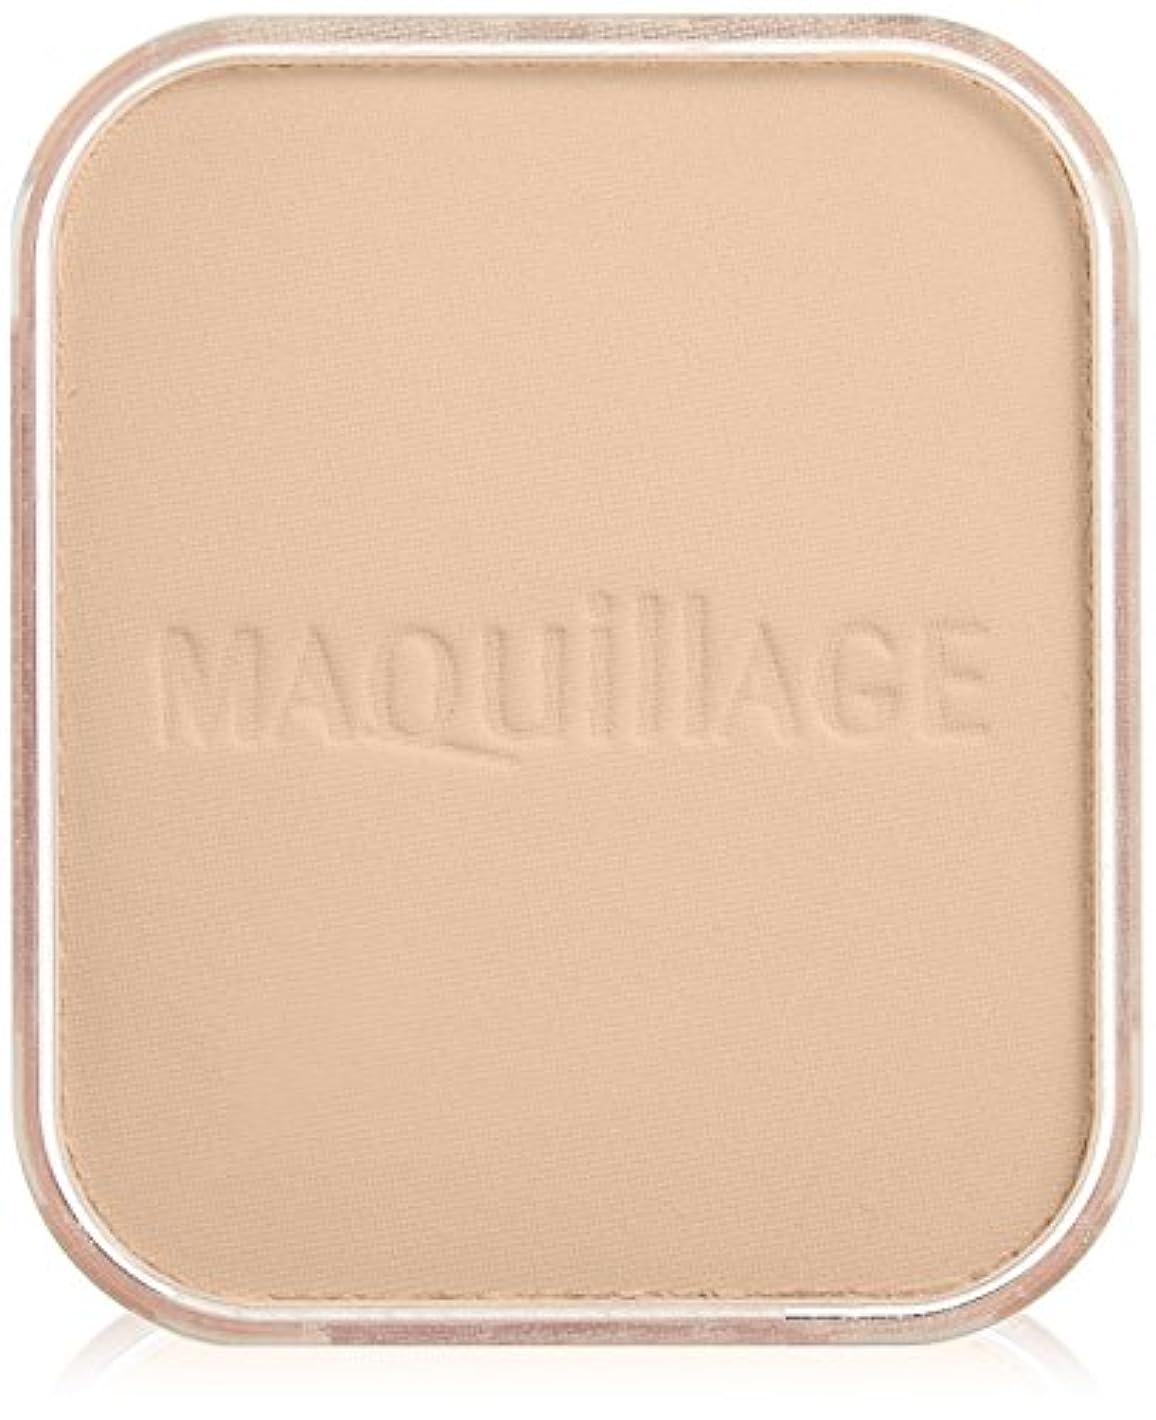 ラショナル家事実験的マキアージュ ライティング ホワイトパウダリー UV ピンクオークル10 (レフィル) (SPF25?PA++) 10g